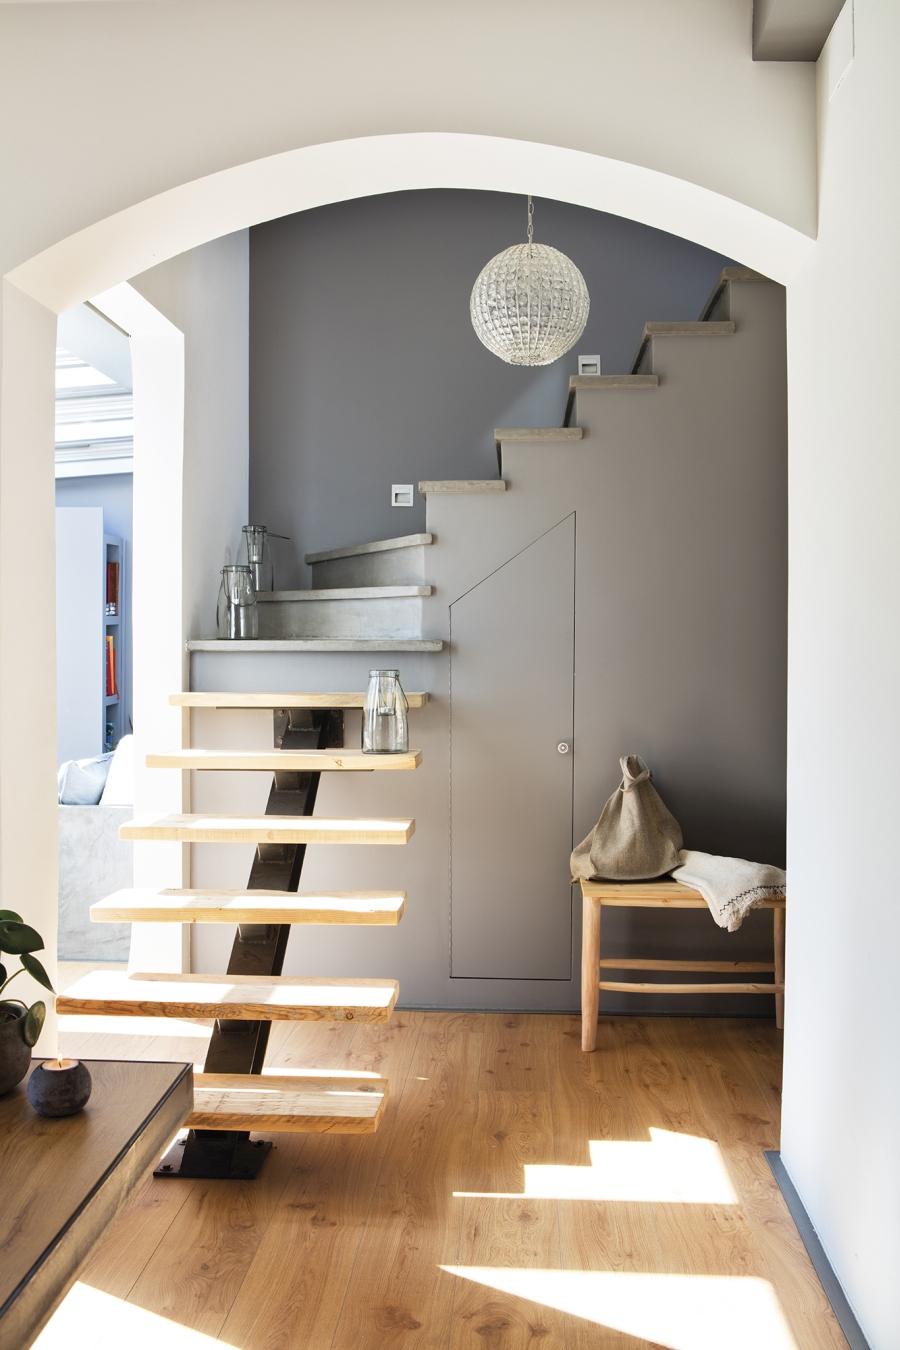 Mieszkanie w skandynawsko - industrialnym stylu, wystrój wnętrz, wnętrza, urządzanie domu, dekoracje wnętrz, aranżacja wnętrz, inspiracje wnętrz,interior design , dom i wnętrze, aranżacja mieszkania, modne wnętrza, styl skandynawski, styl industrialny, schody, industrialne schody, drewniane schody